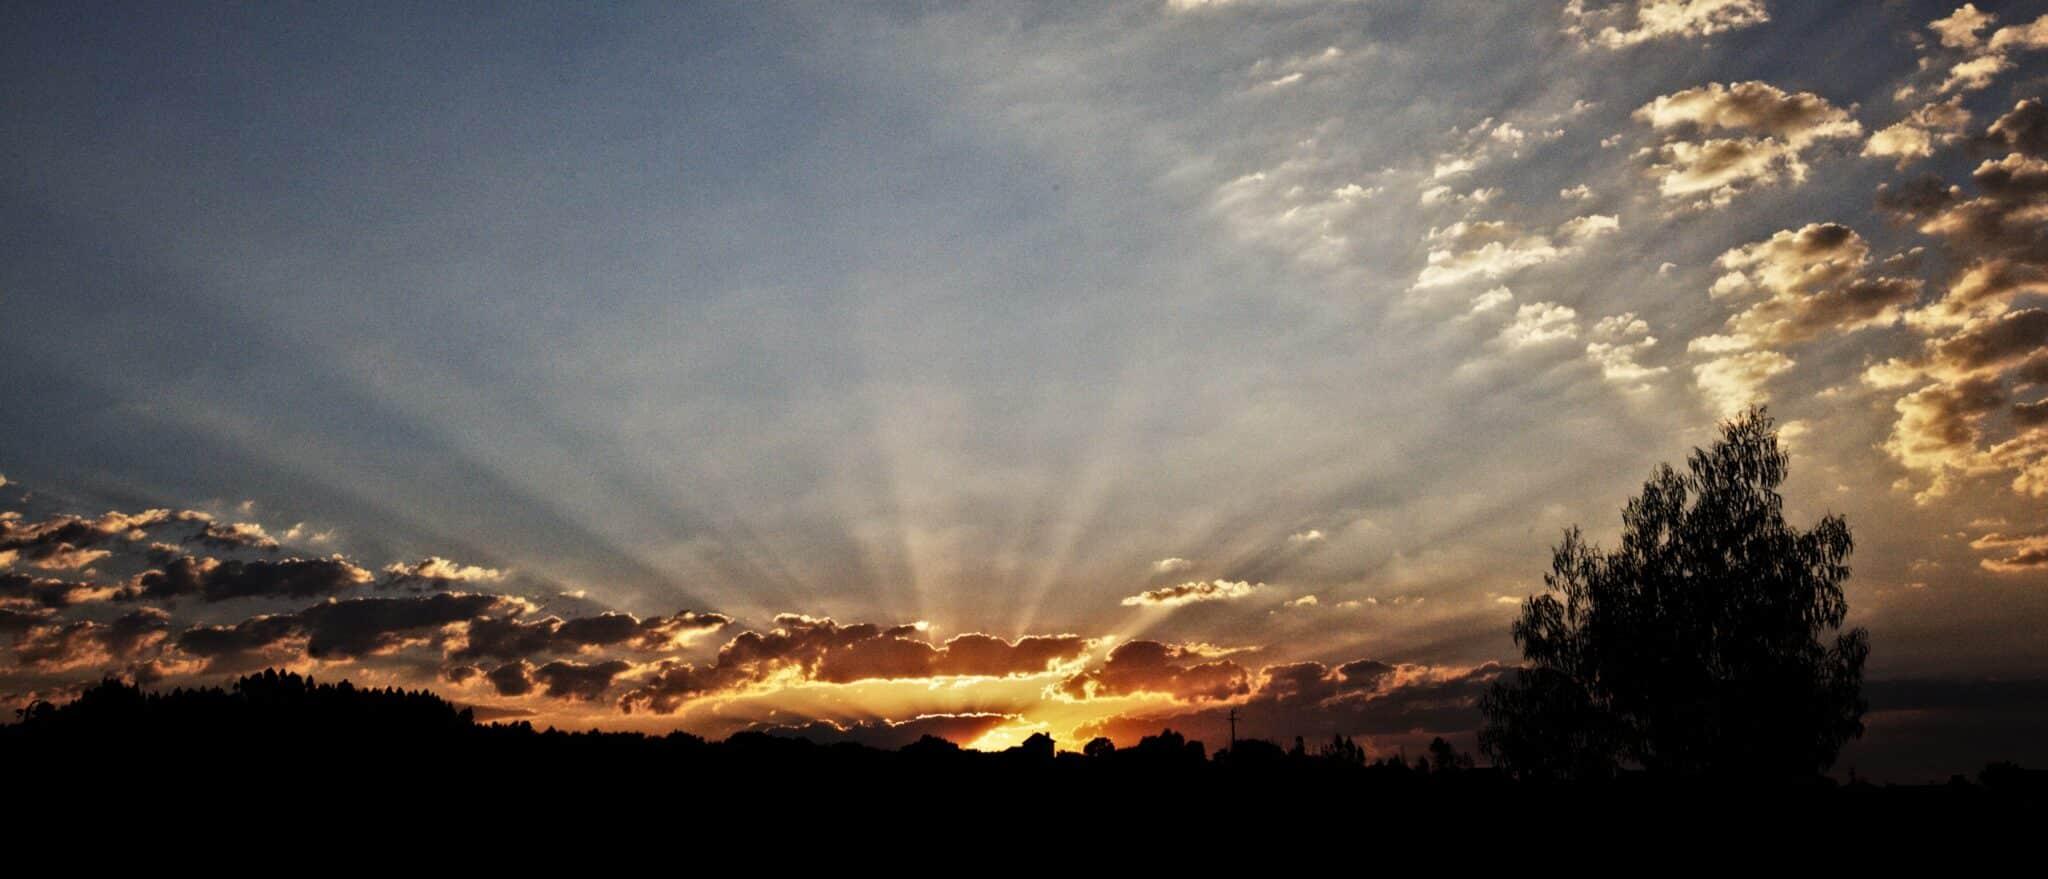 Vanmorgen is het de eerste keer gelukt omnaast de crepuscular rays ook de anti-crepuscular rays va